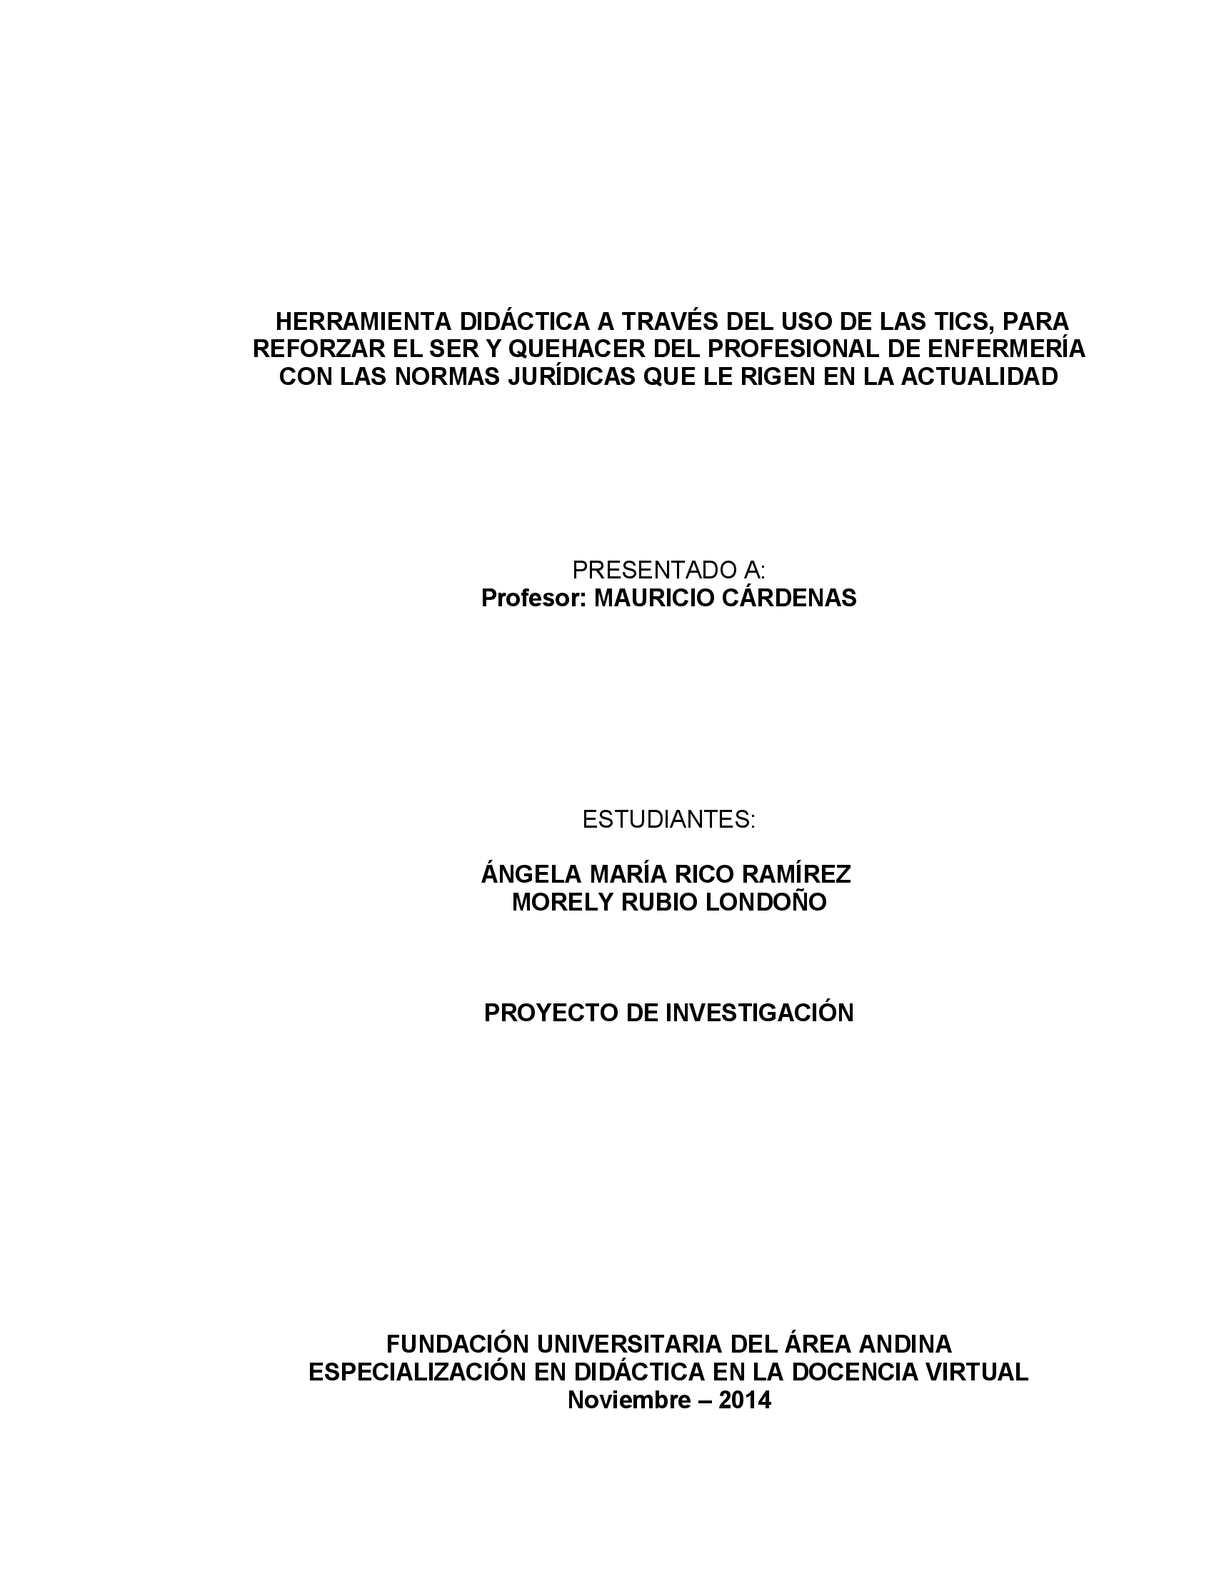 Calaméo - PROYECTO OVA POSTGRADO FUAA